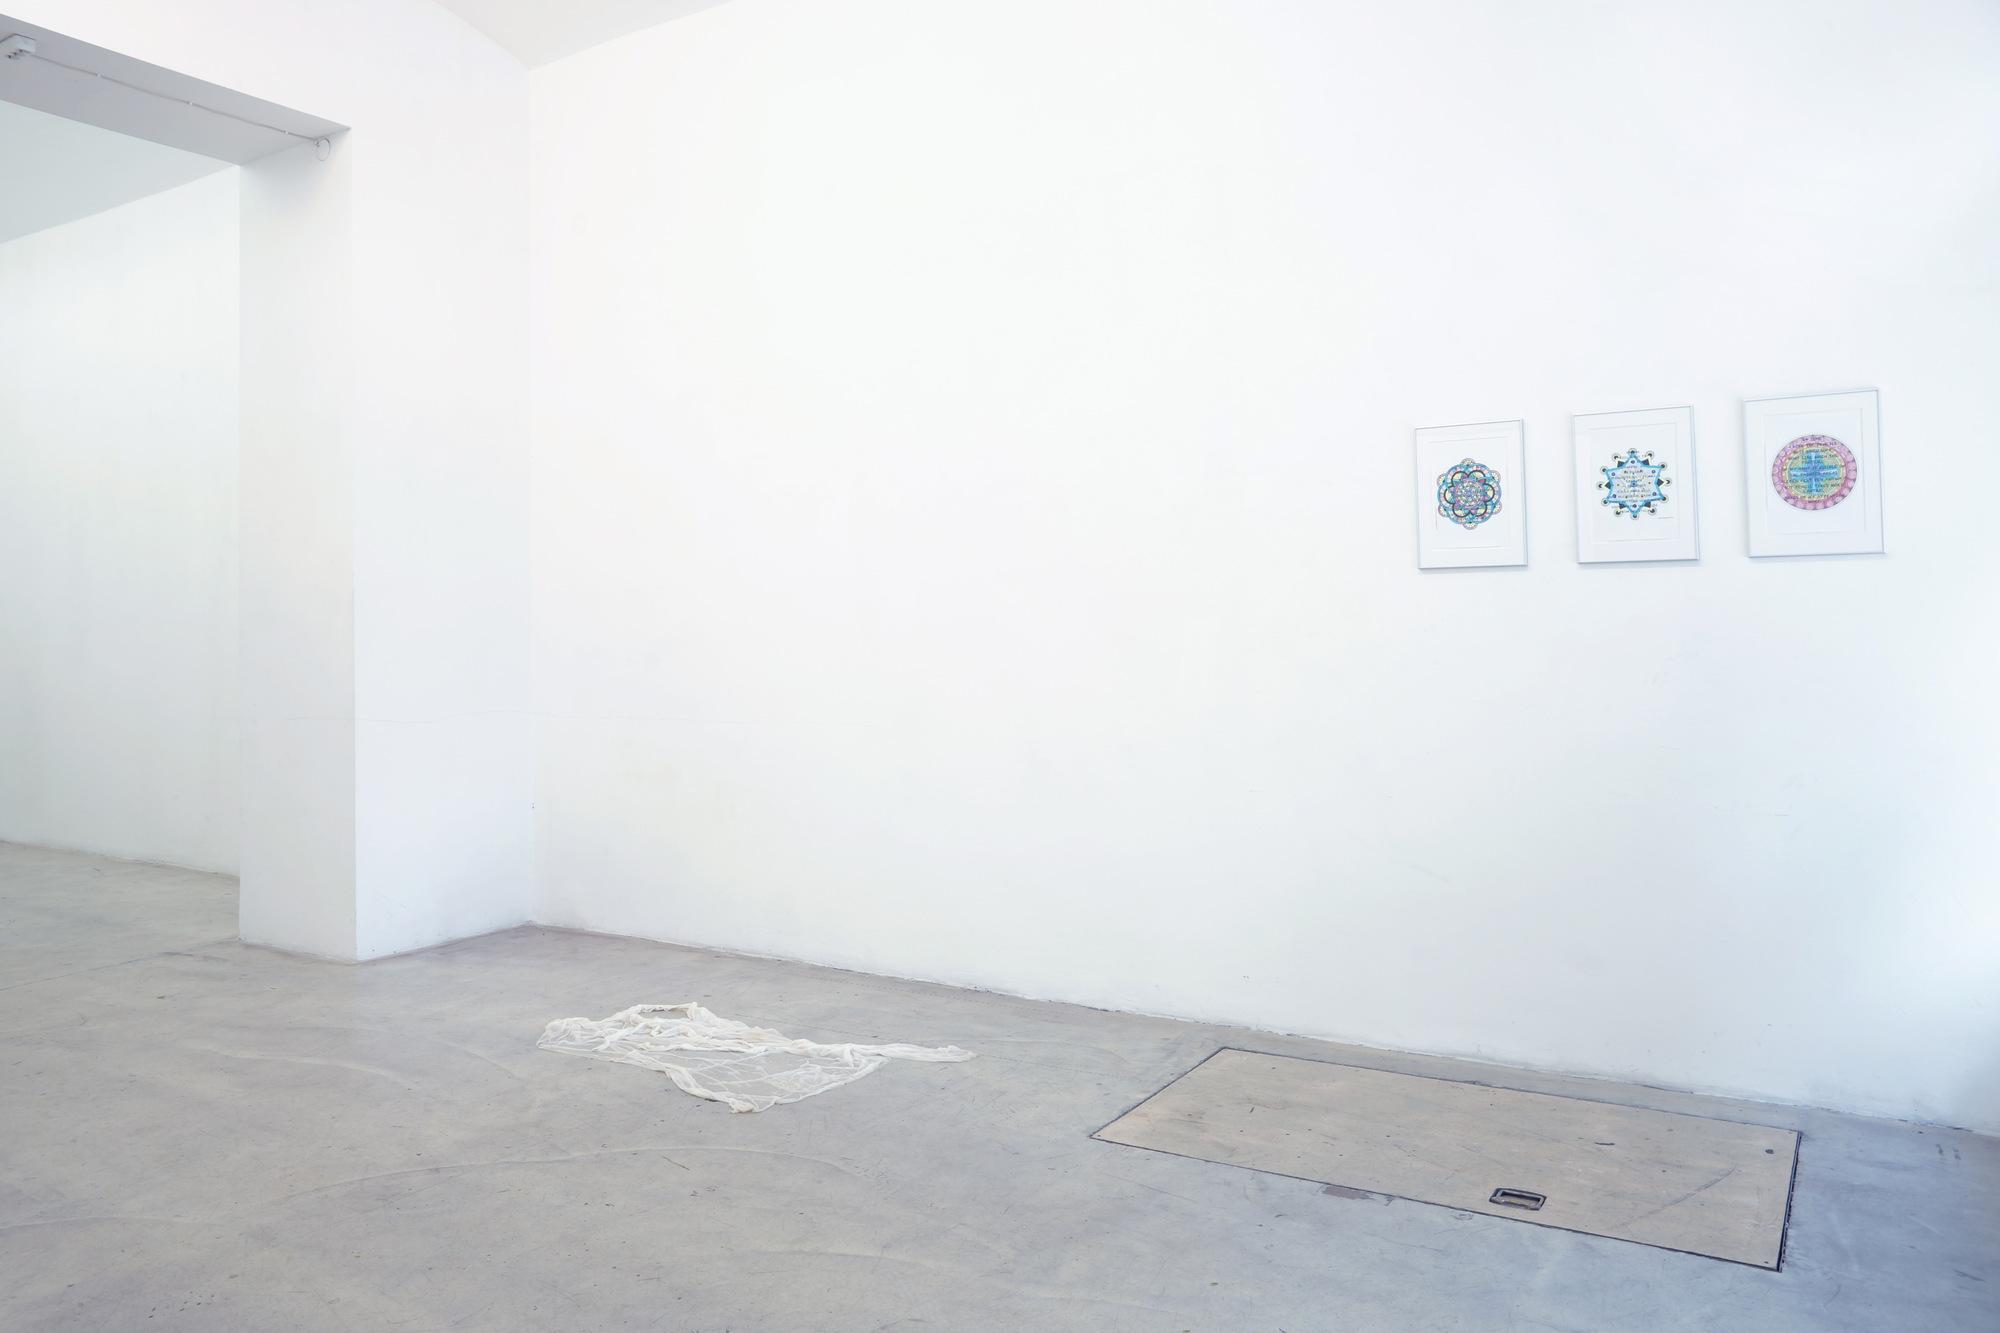 +installation_fantods_11